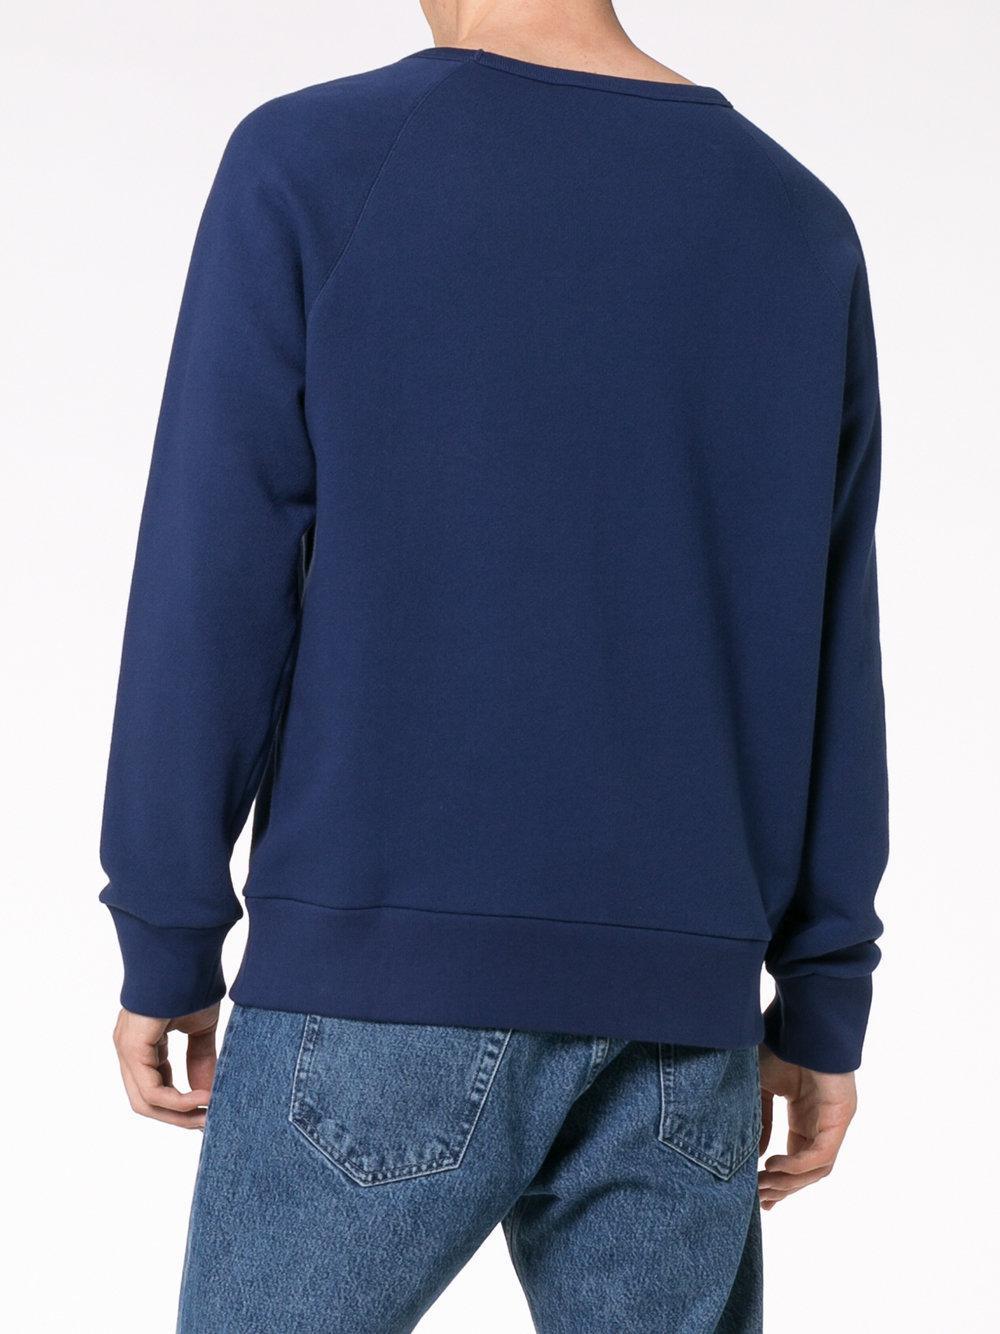 640de3287 most popular 23417 1cb1d lyst fendi baby sweatsuit in blue for men ...